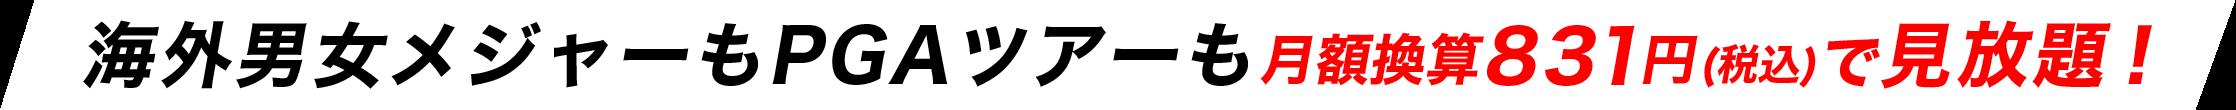 海外男女メジャーもPGAツアーも月額換算831円(税込)で見放題!